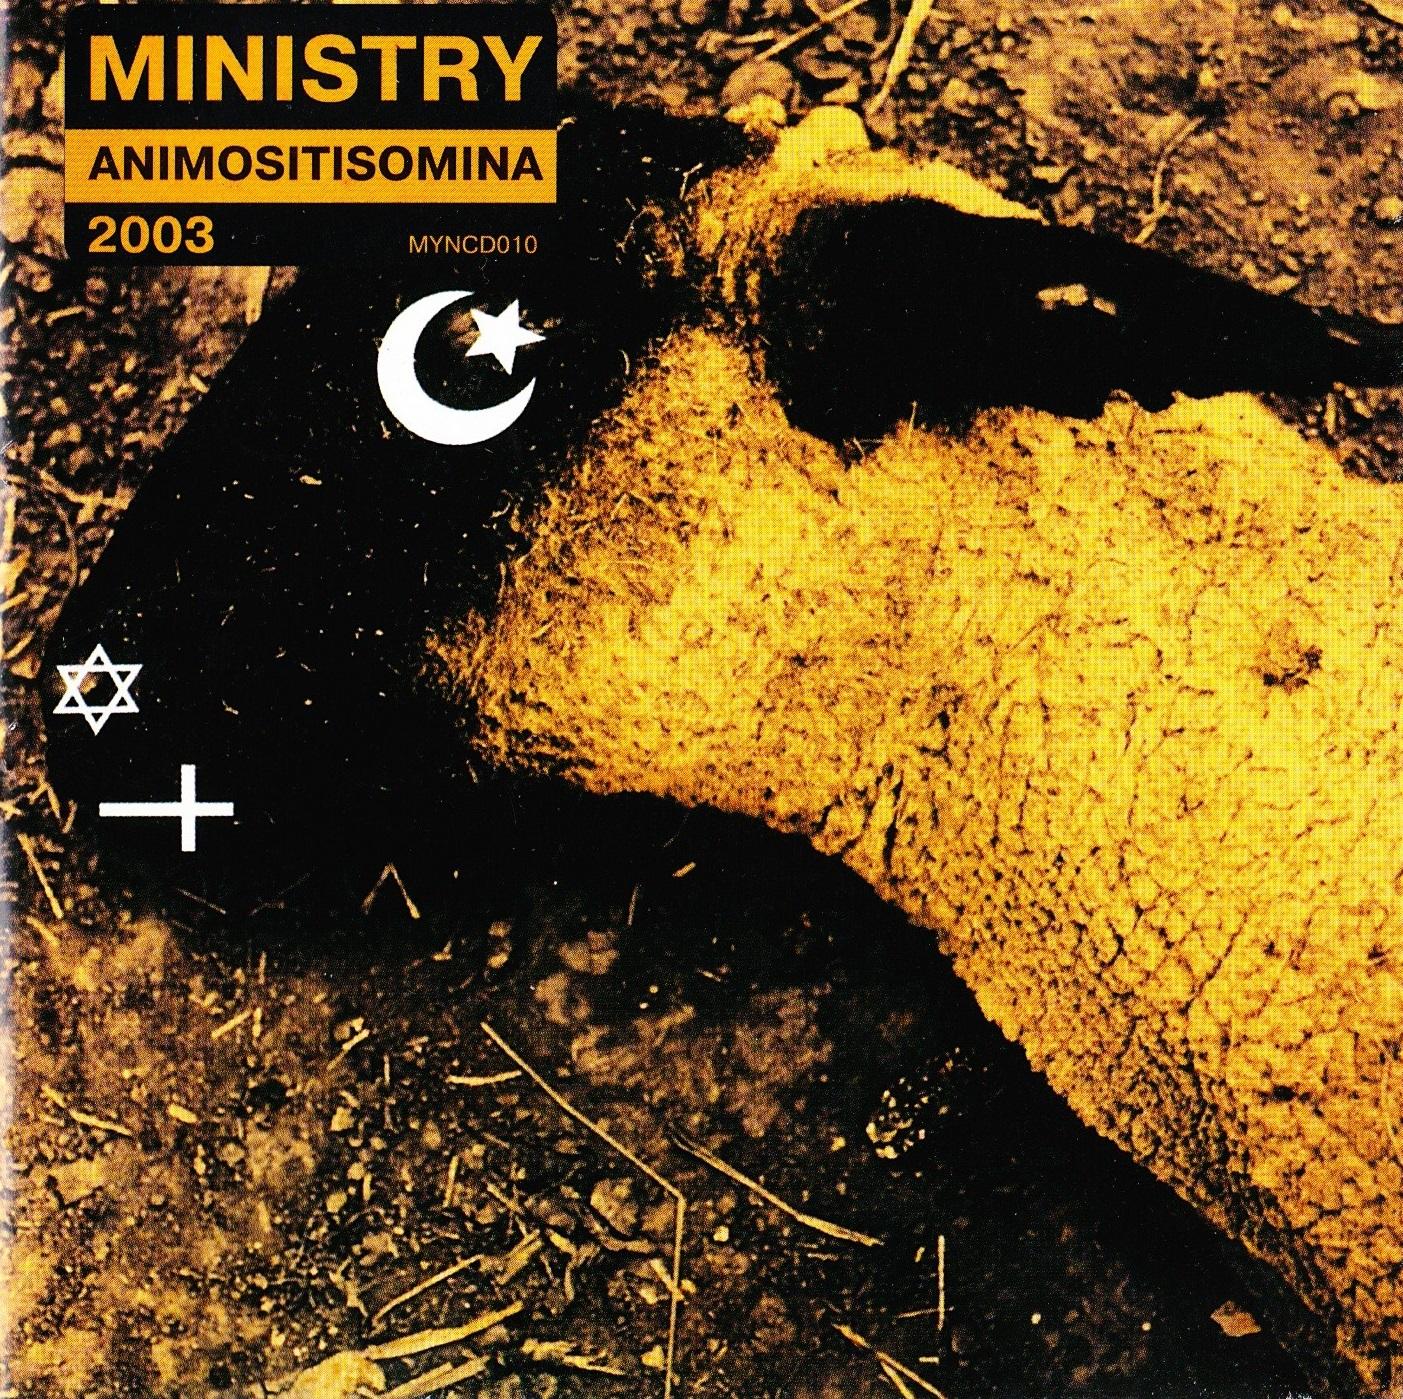 Ministry — Animositisomina (2003)